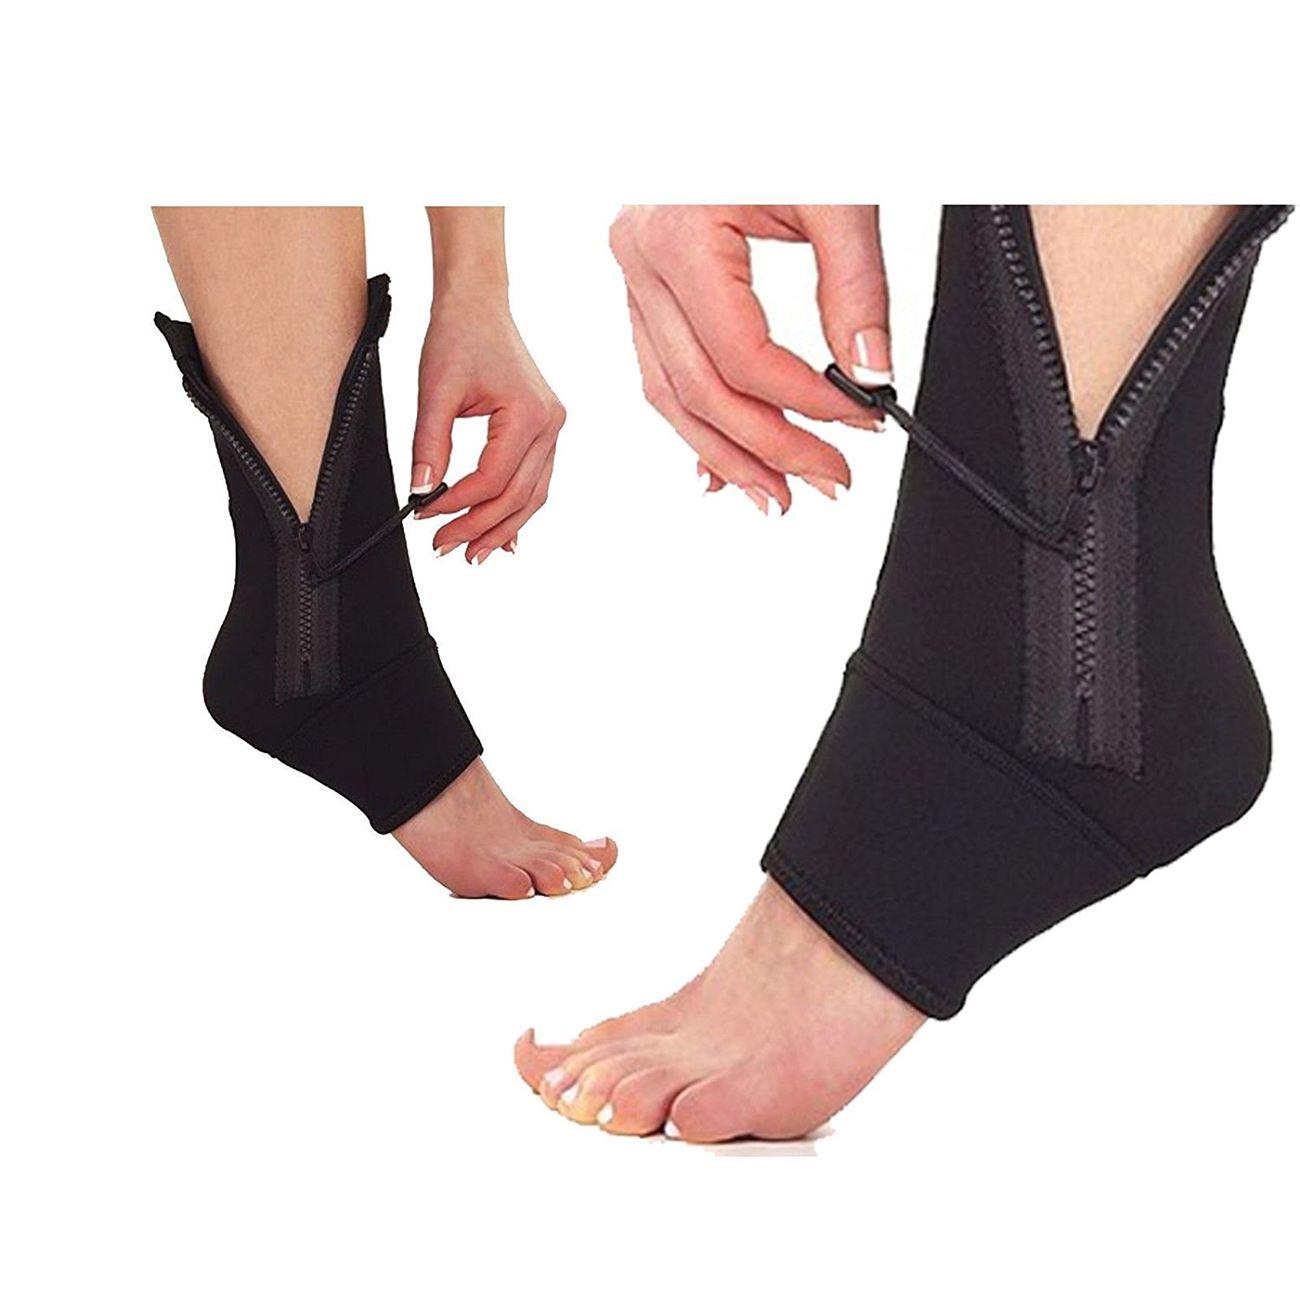 ... Κάλτσες Συμπίεσης με Φερμουάρ (Δείτε βίντεο). ΠΙΣΩ ΣΤΗΝ ΛΙΣΤΑ. False.  Μεγέθυνση f57ca2749bb